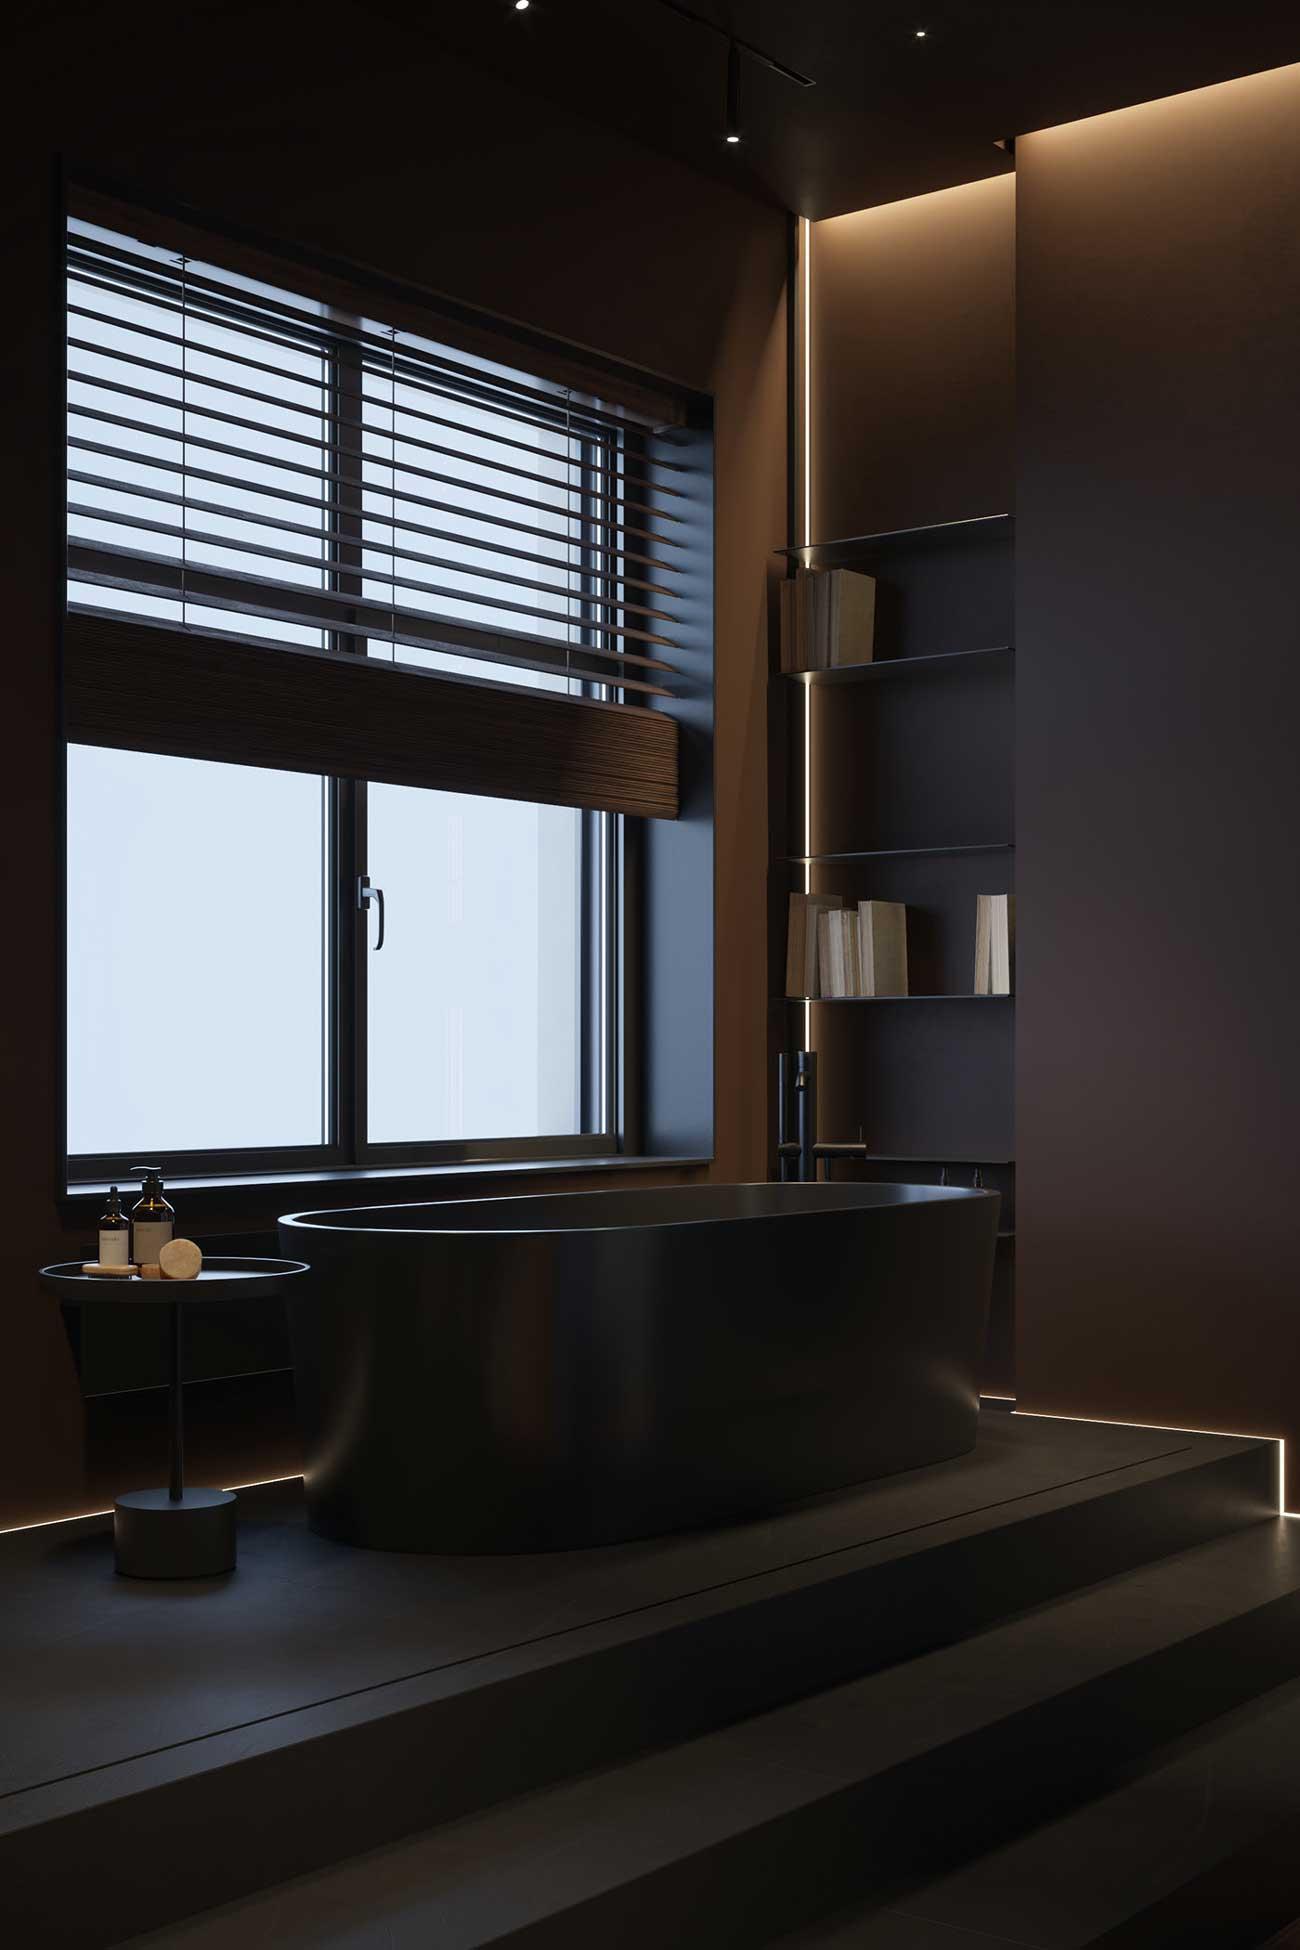 Une salle de bain minimaliste dans le look total black avec des néons